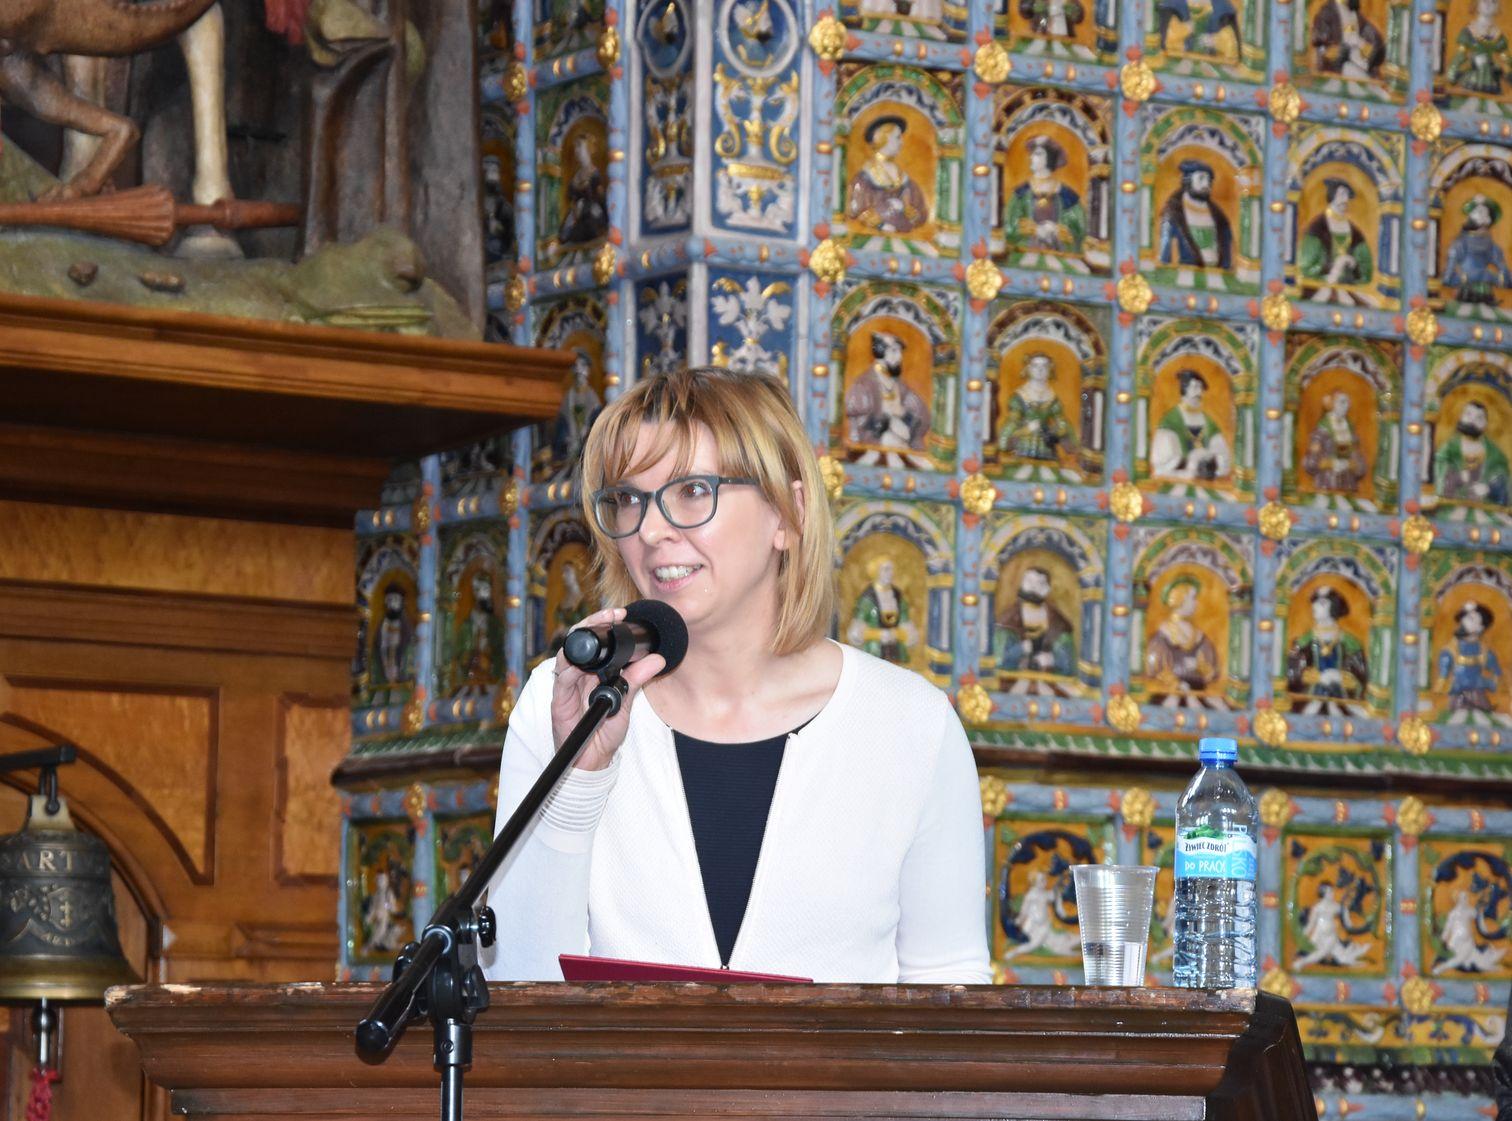 Wiceprzewodnicząca Rady Miasta w Dworze Artusa Fot. J.Wikowski A31_7402